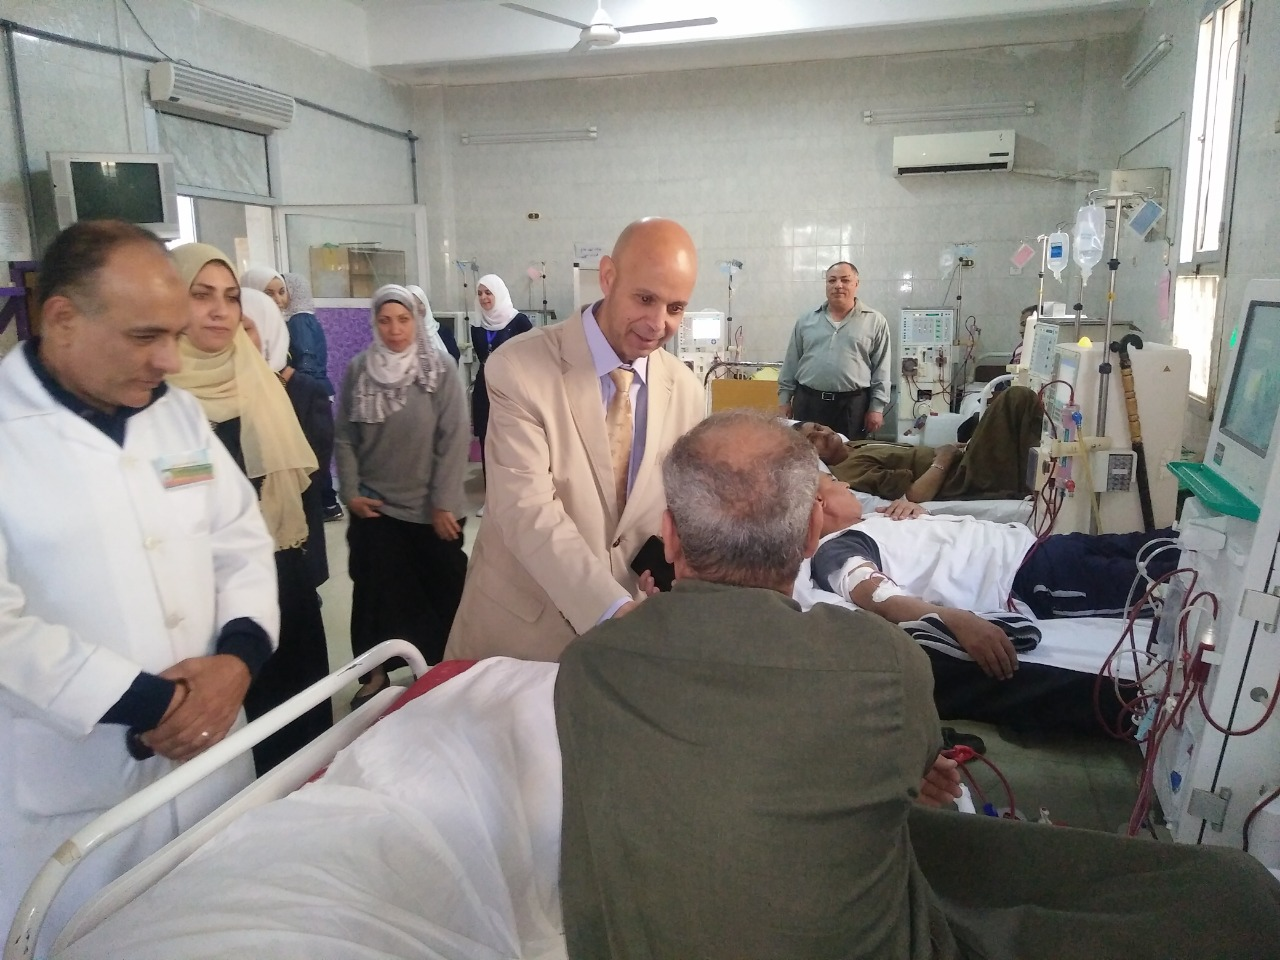 وكيل صحة الشرقية يرصد سلبيات مستشفى كفر صقر